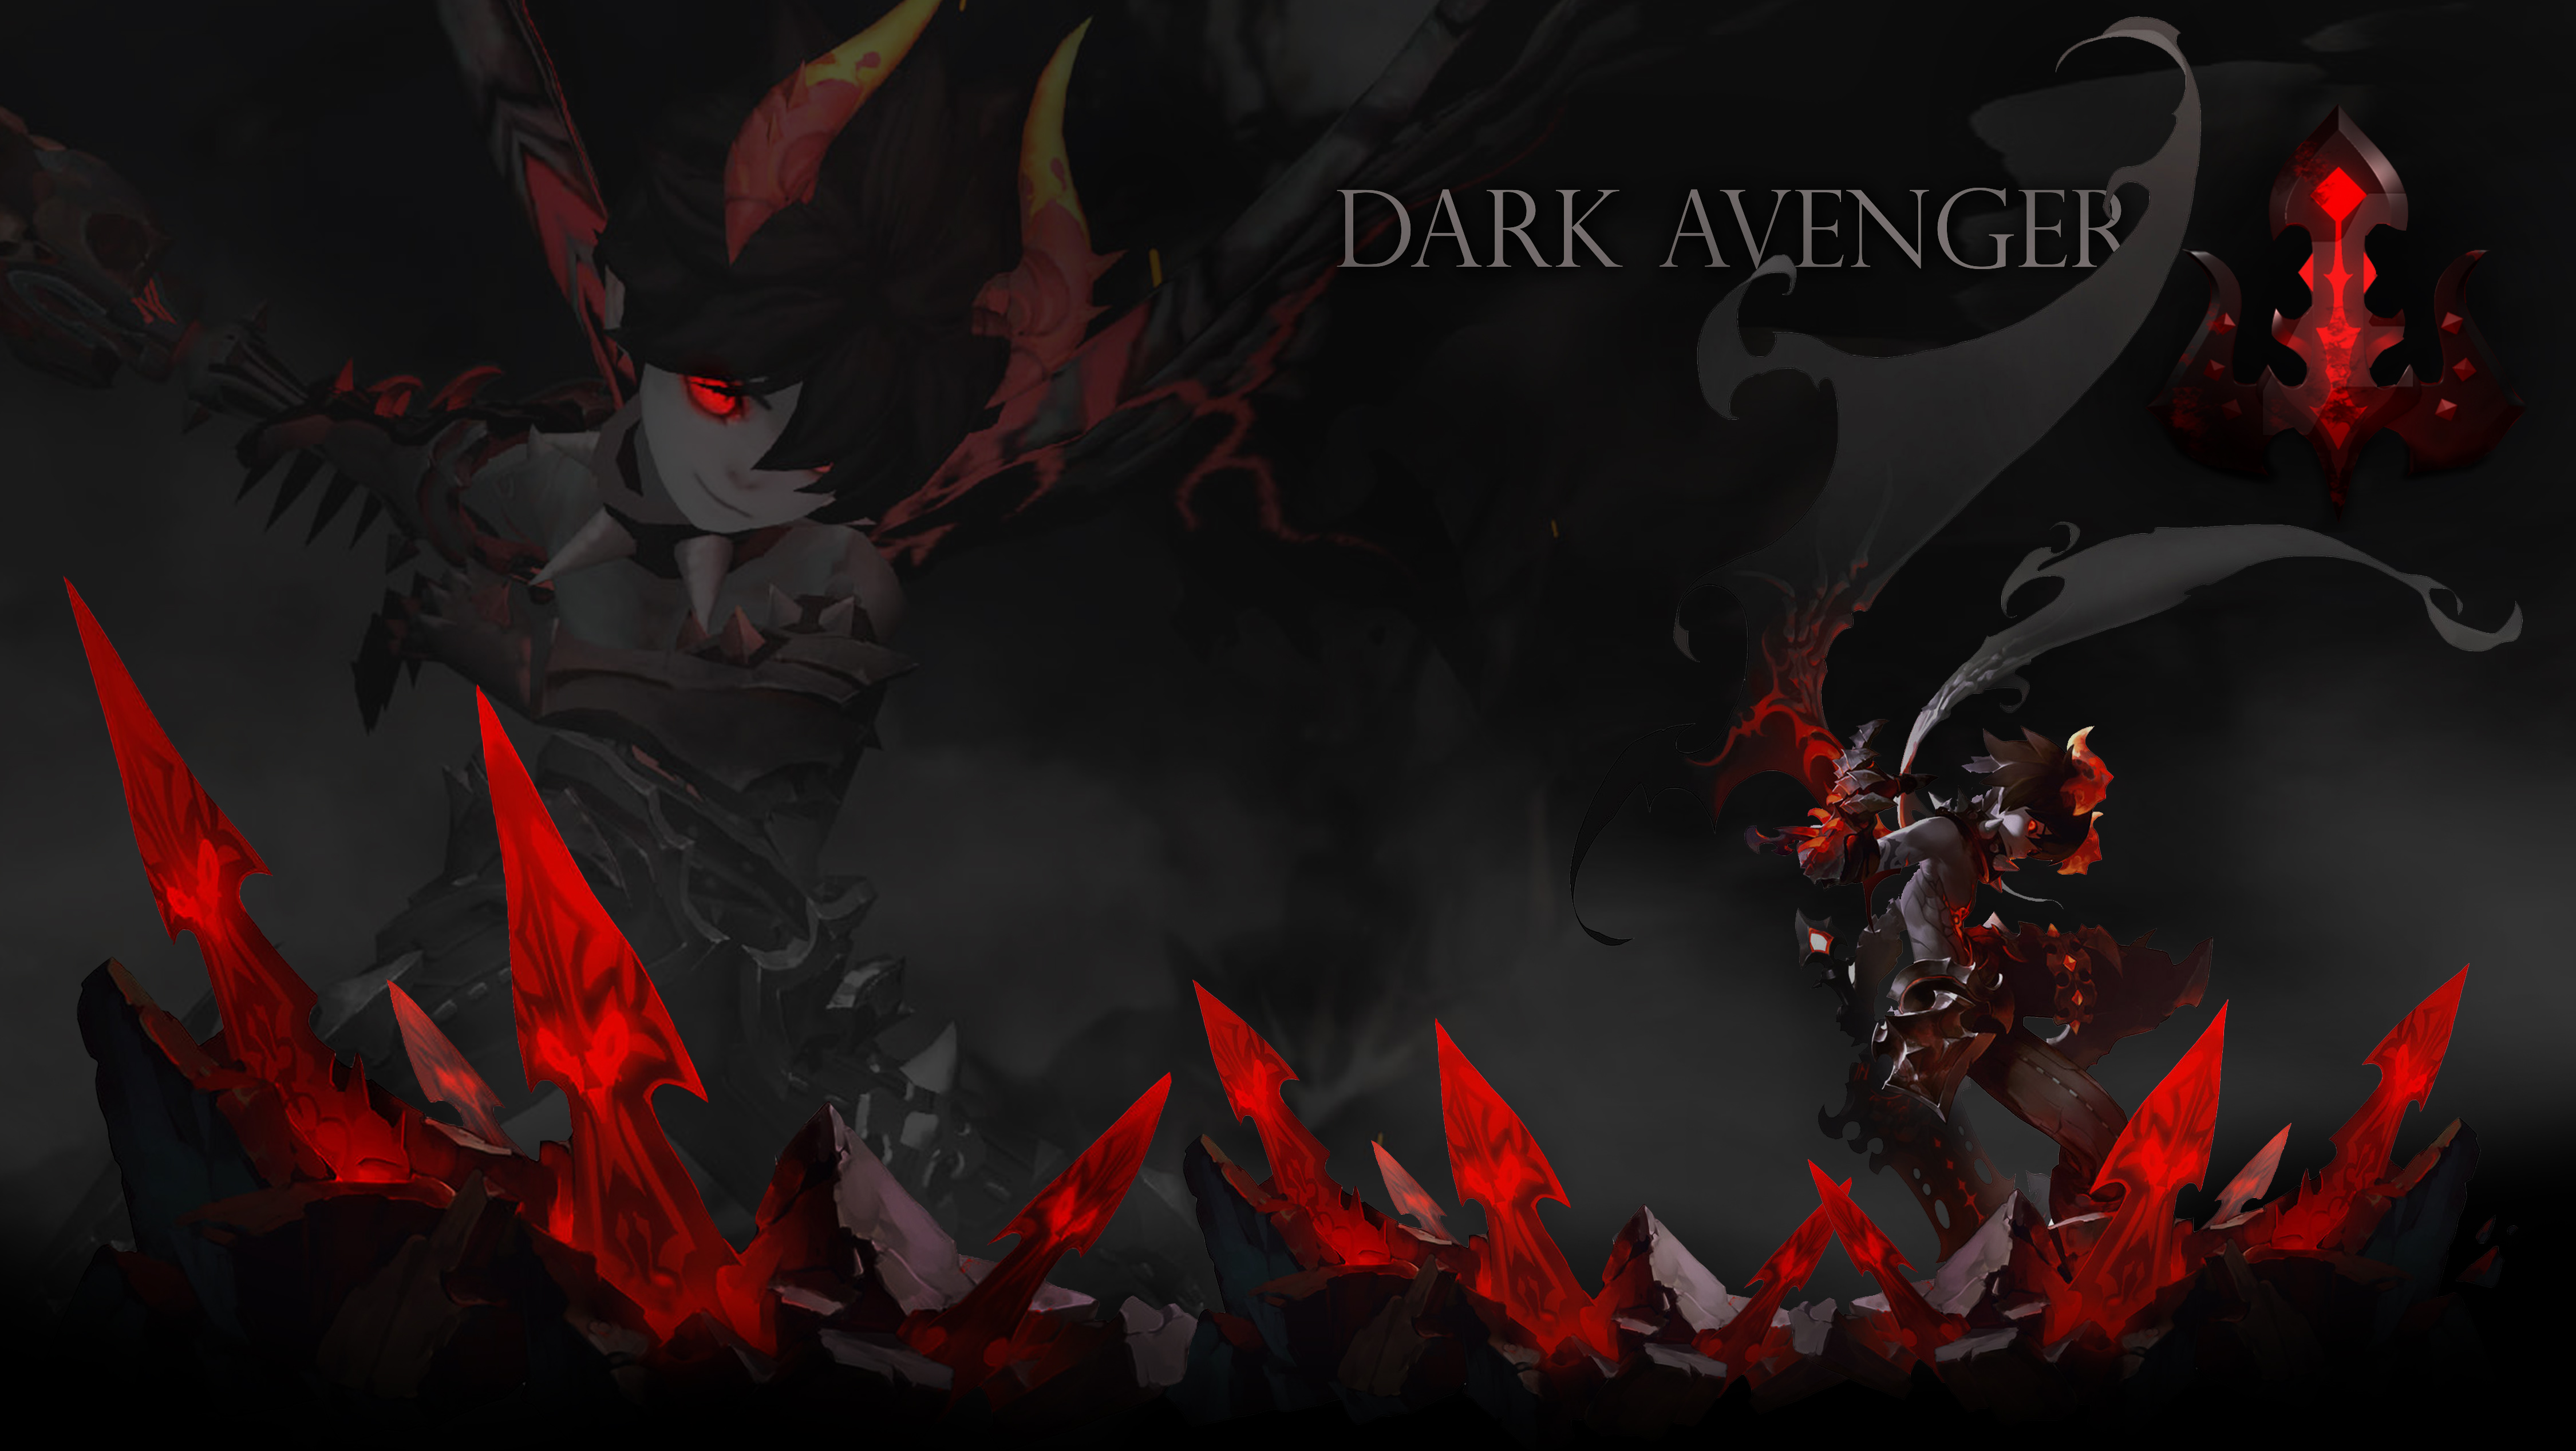 wallpaper dragonnest-dark avengerama-toyphoto on deviantart